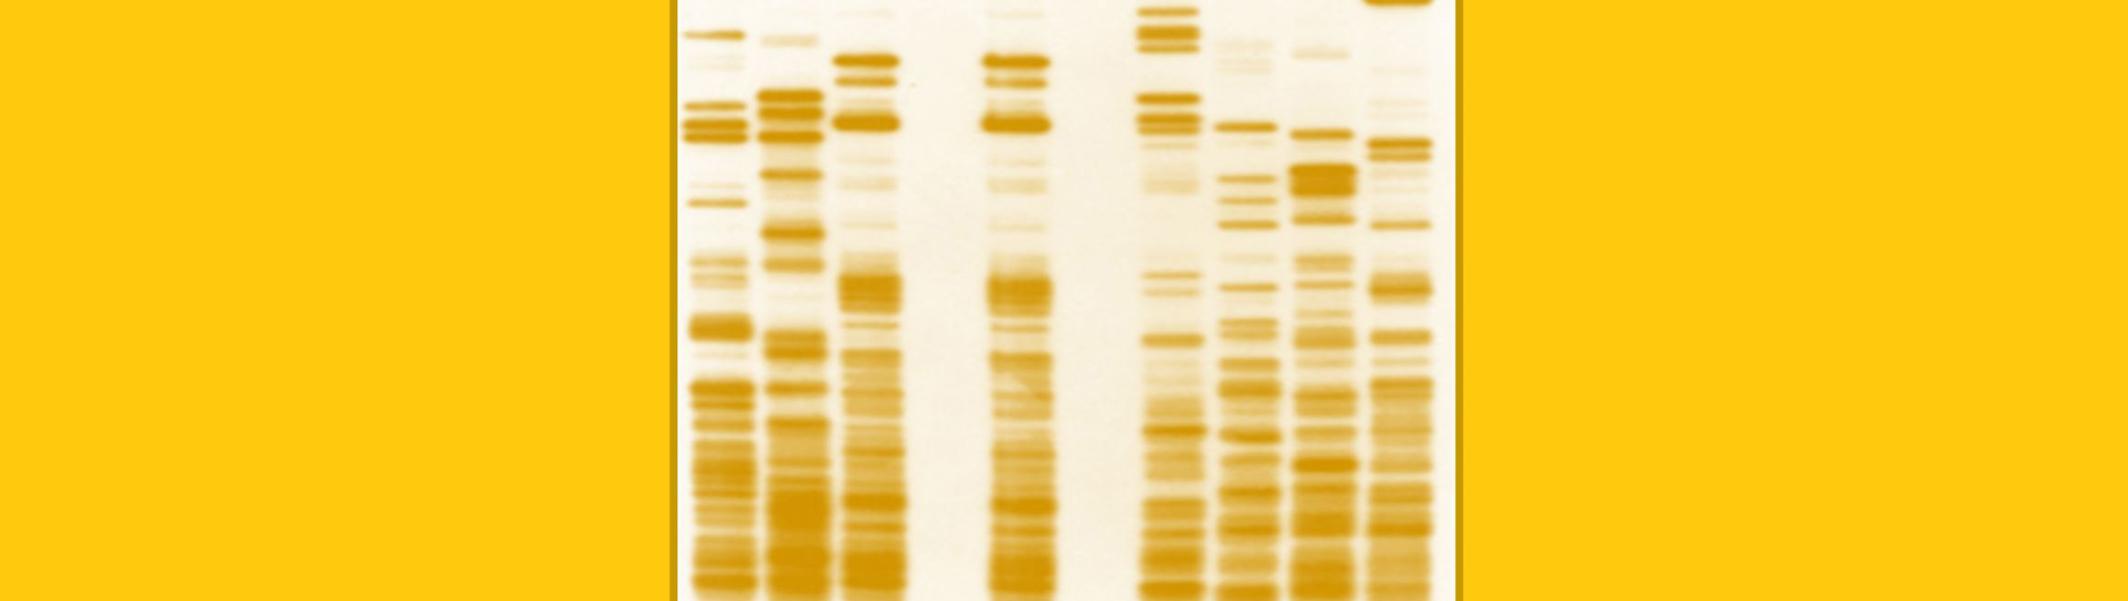 Human Genetics - Levels